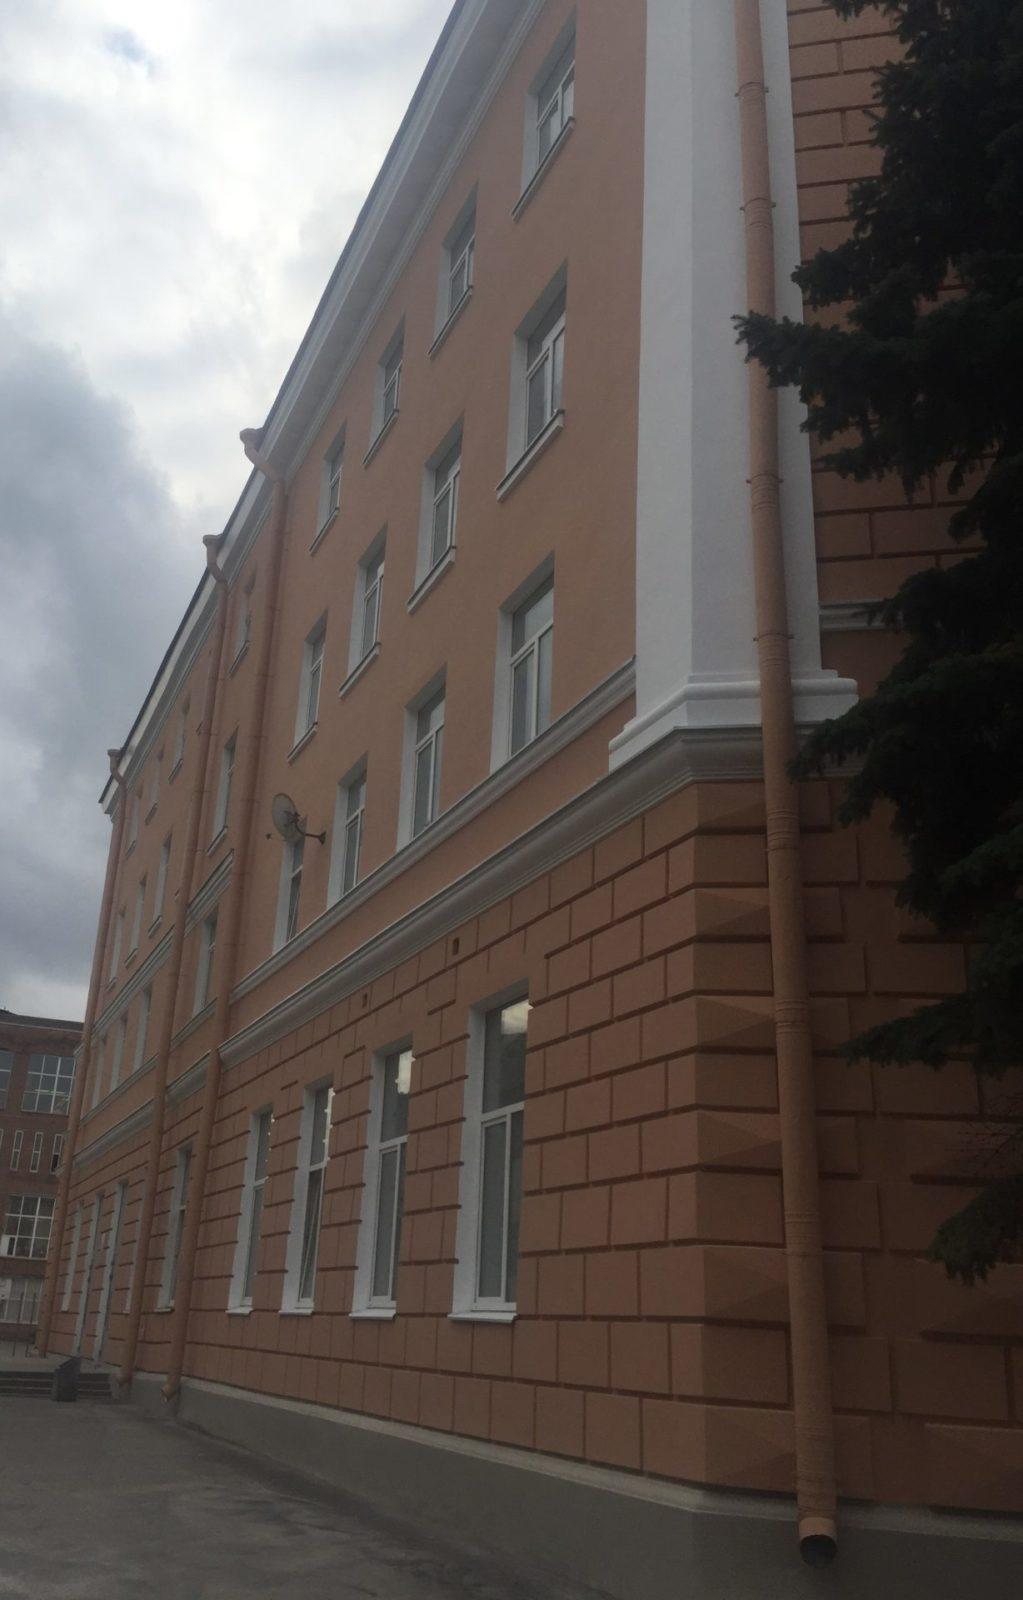 Проведен капитальный ремонт фасада здания на ул. Набережная Обводного канала, д.14 в СПб